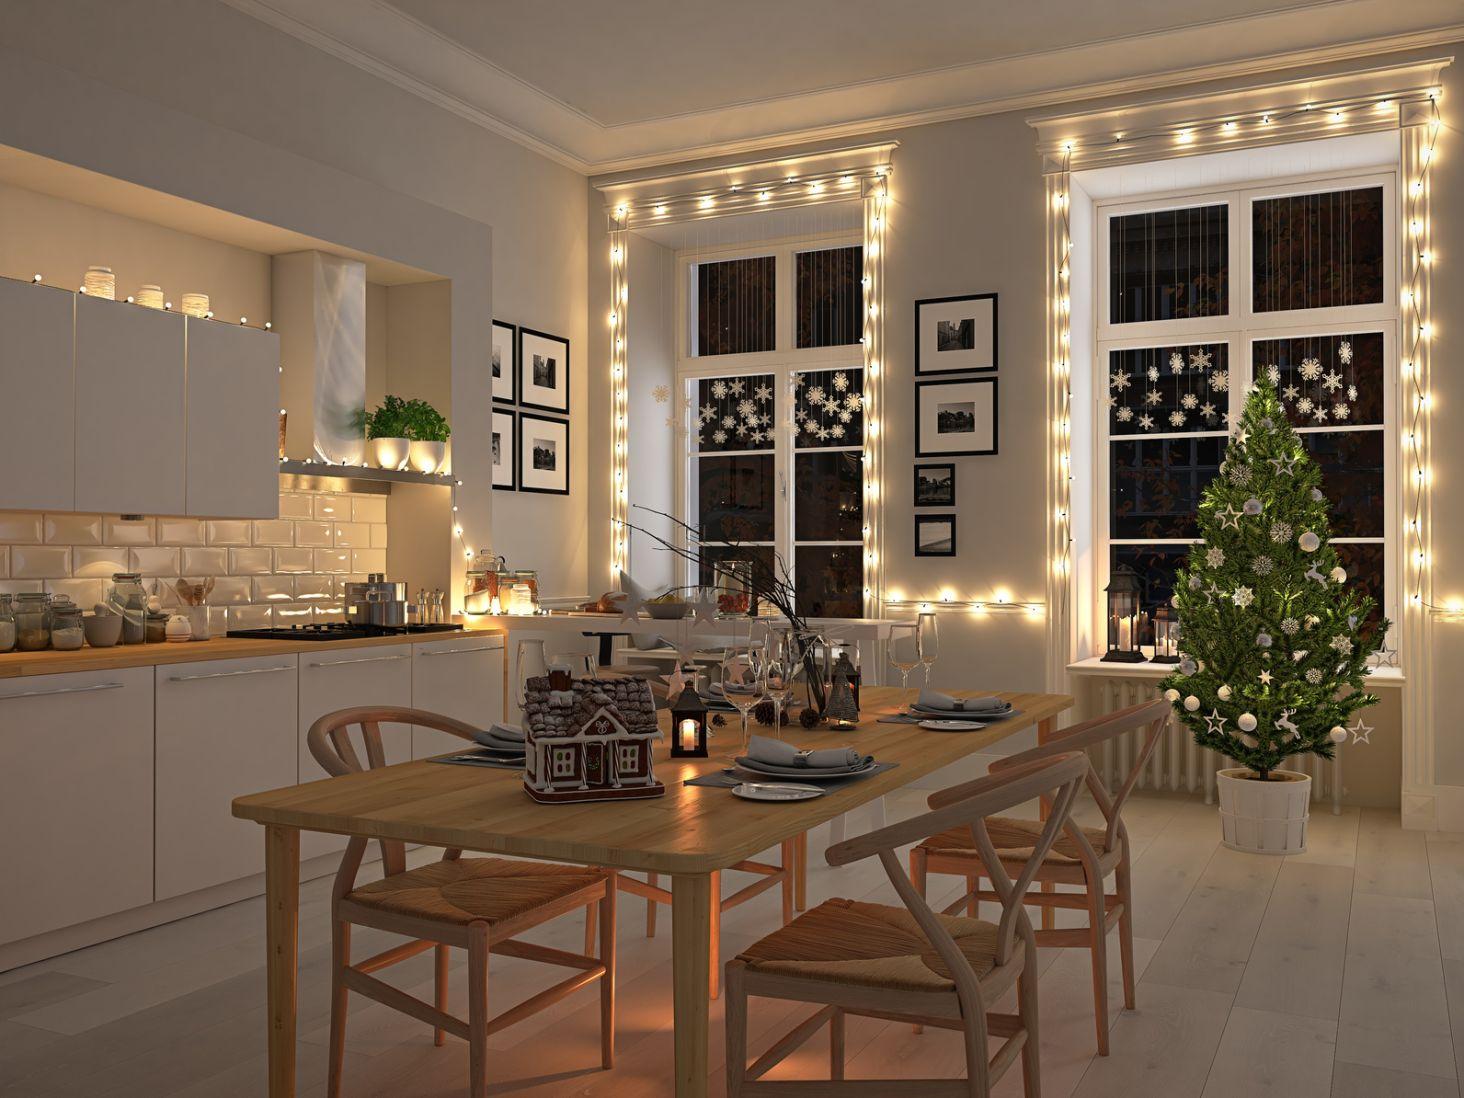 świąteczne Oświetlenie W Mieszkaniu Czyli Lampki Choinkowe